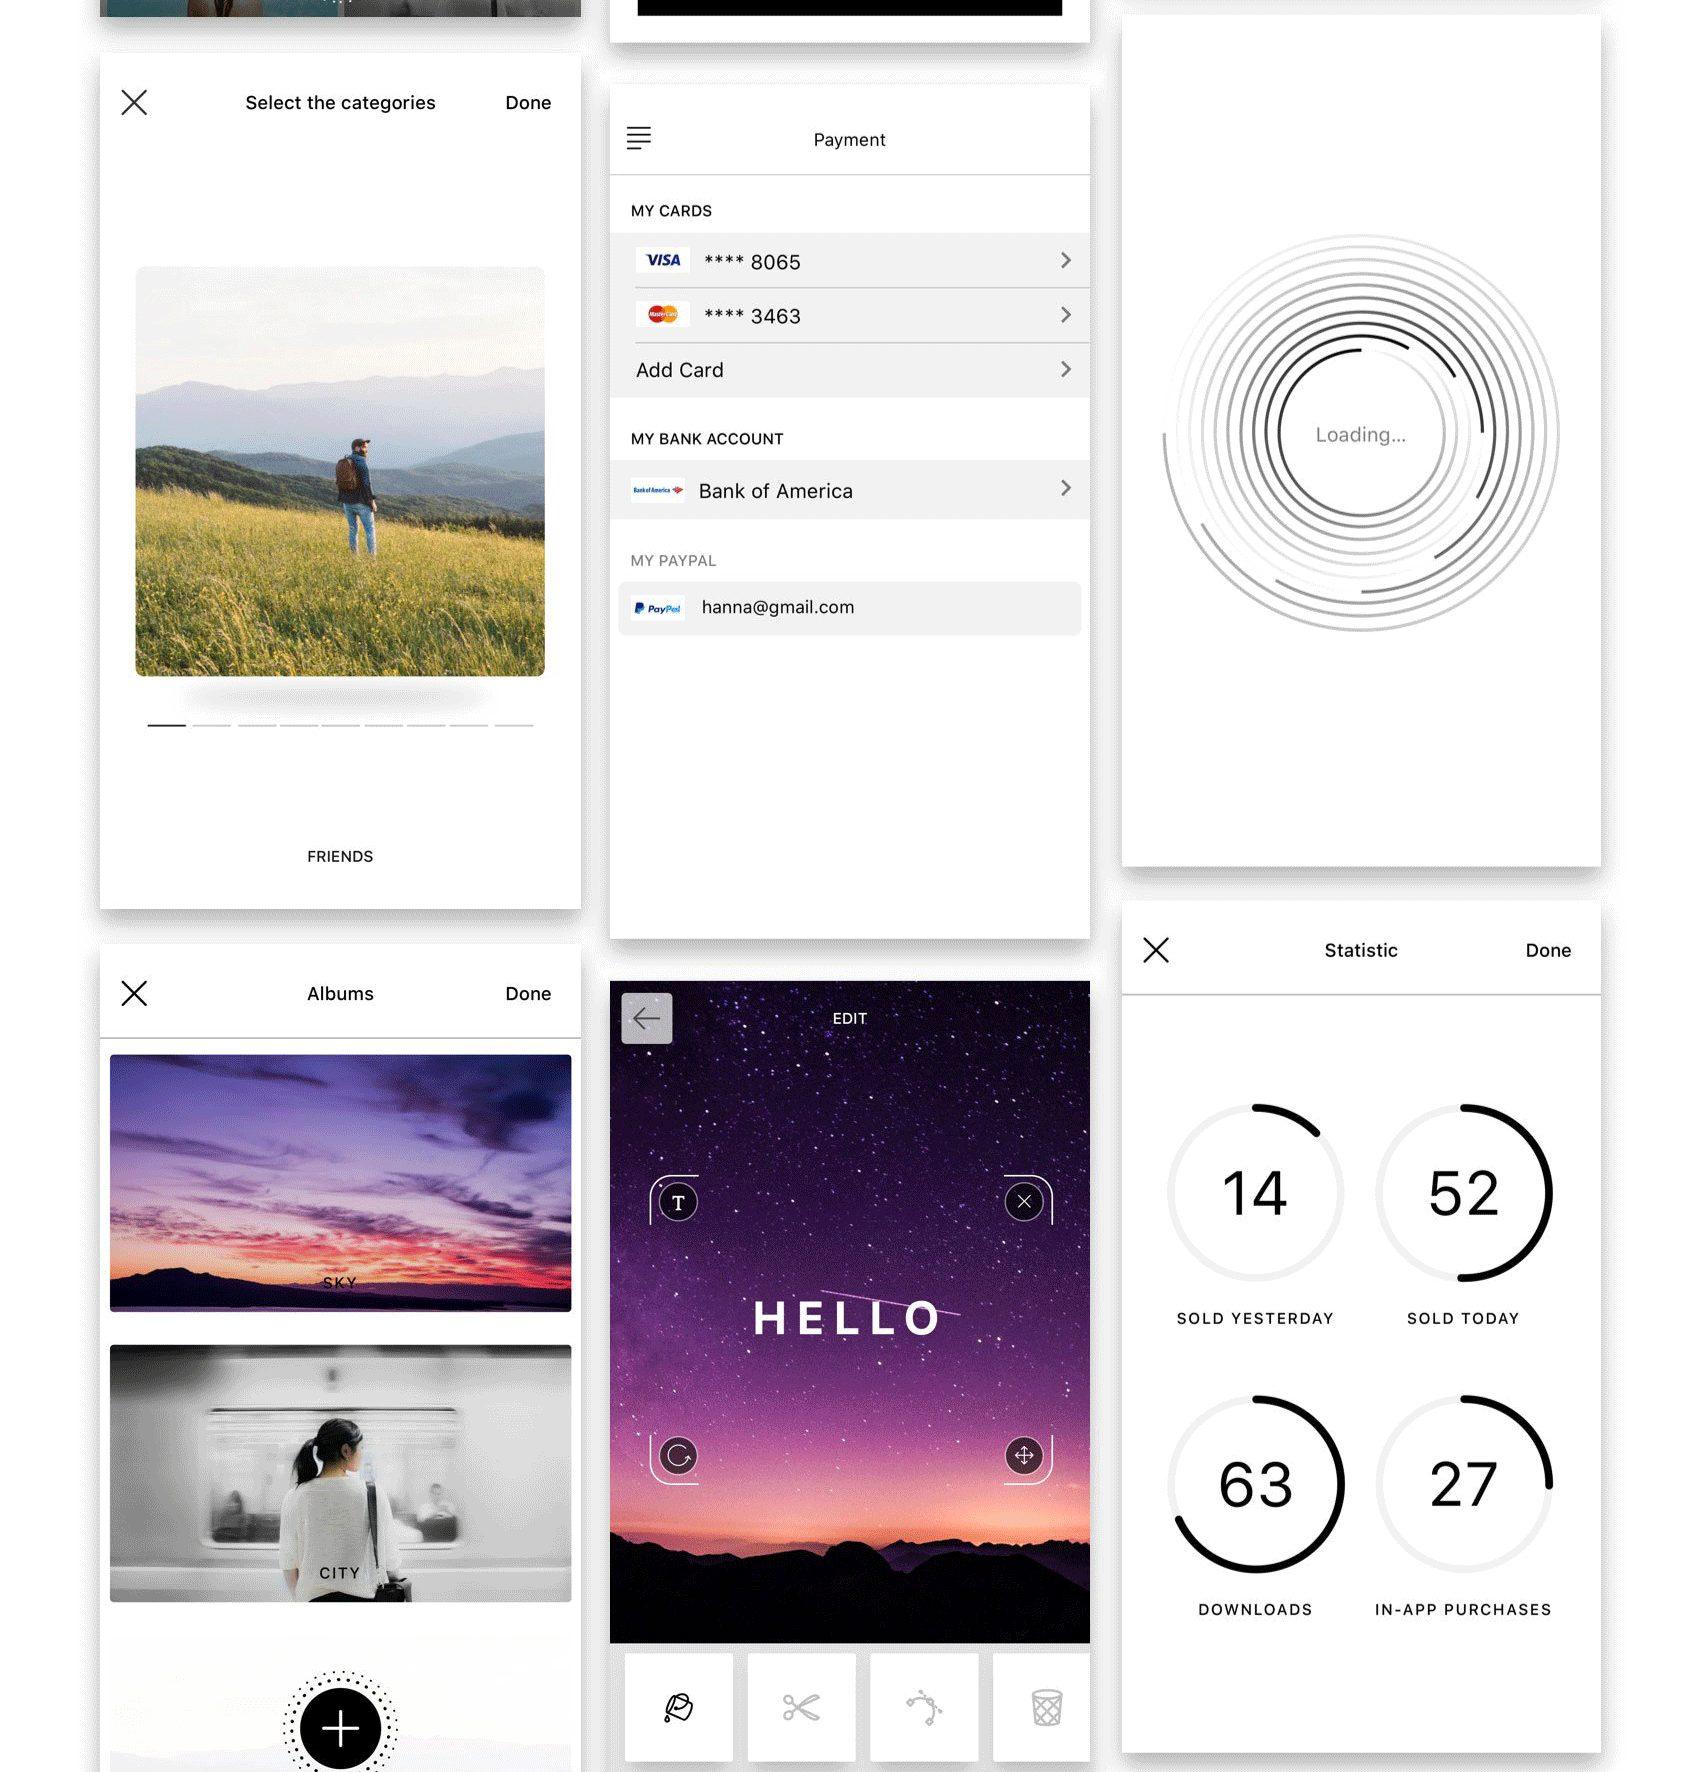 国外扁平风格手机应用APP UI  Hello UI Kit Mod. 2